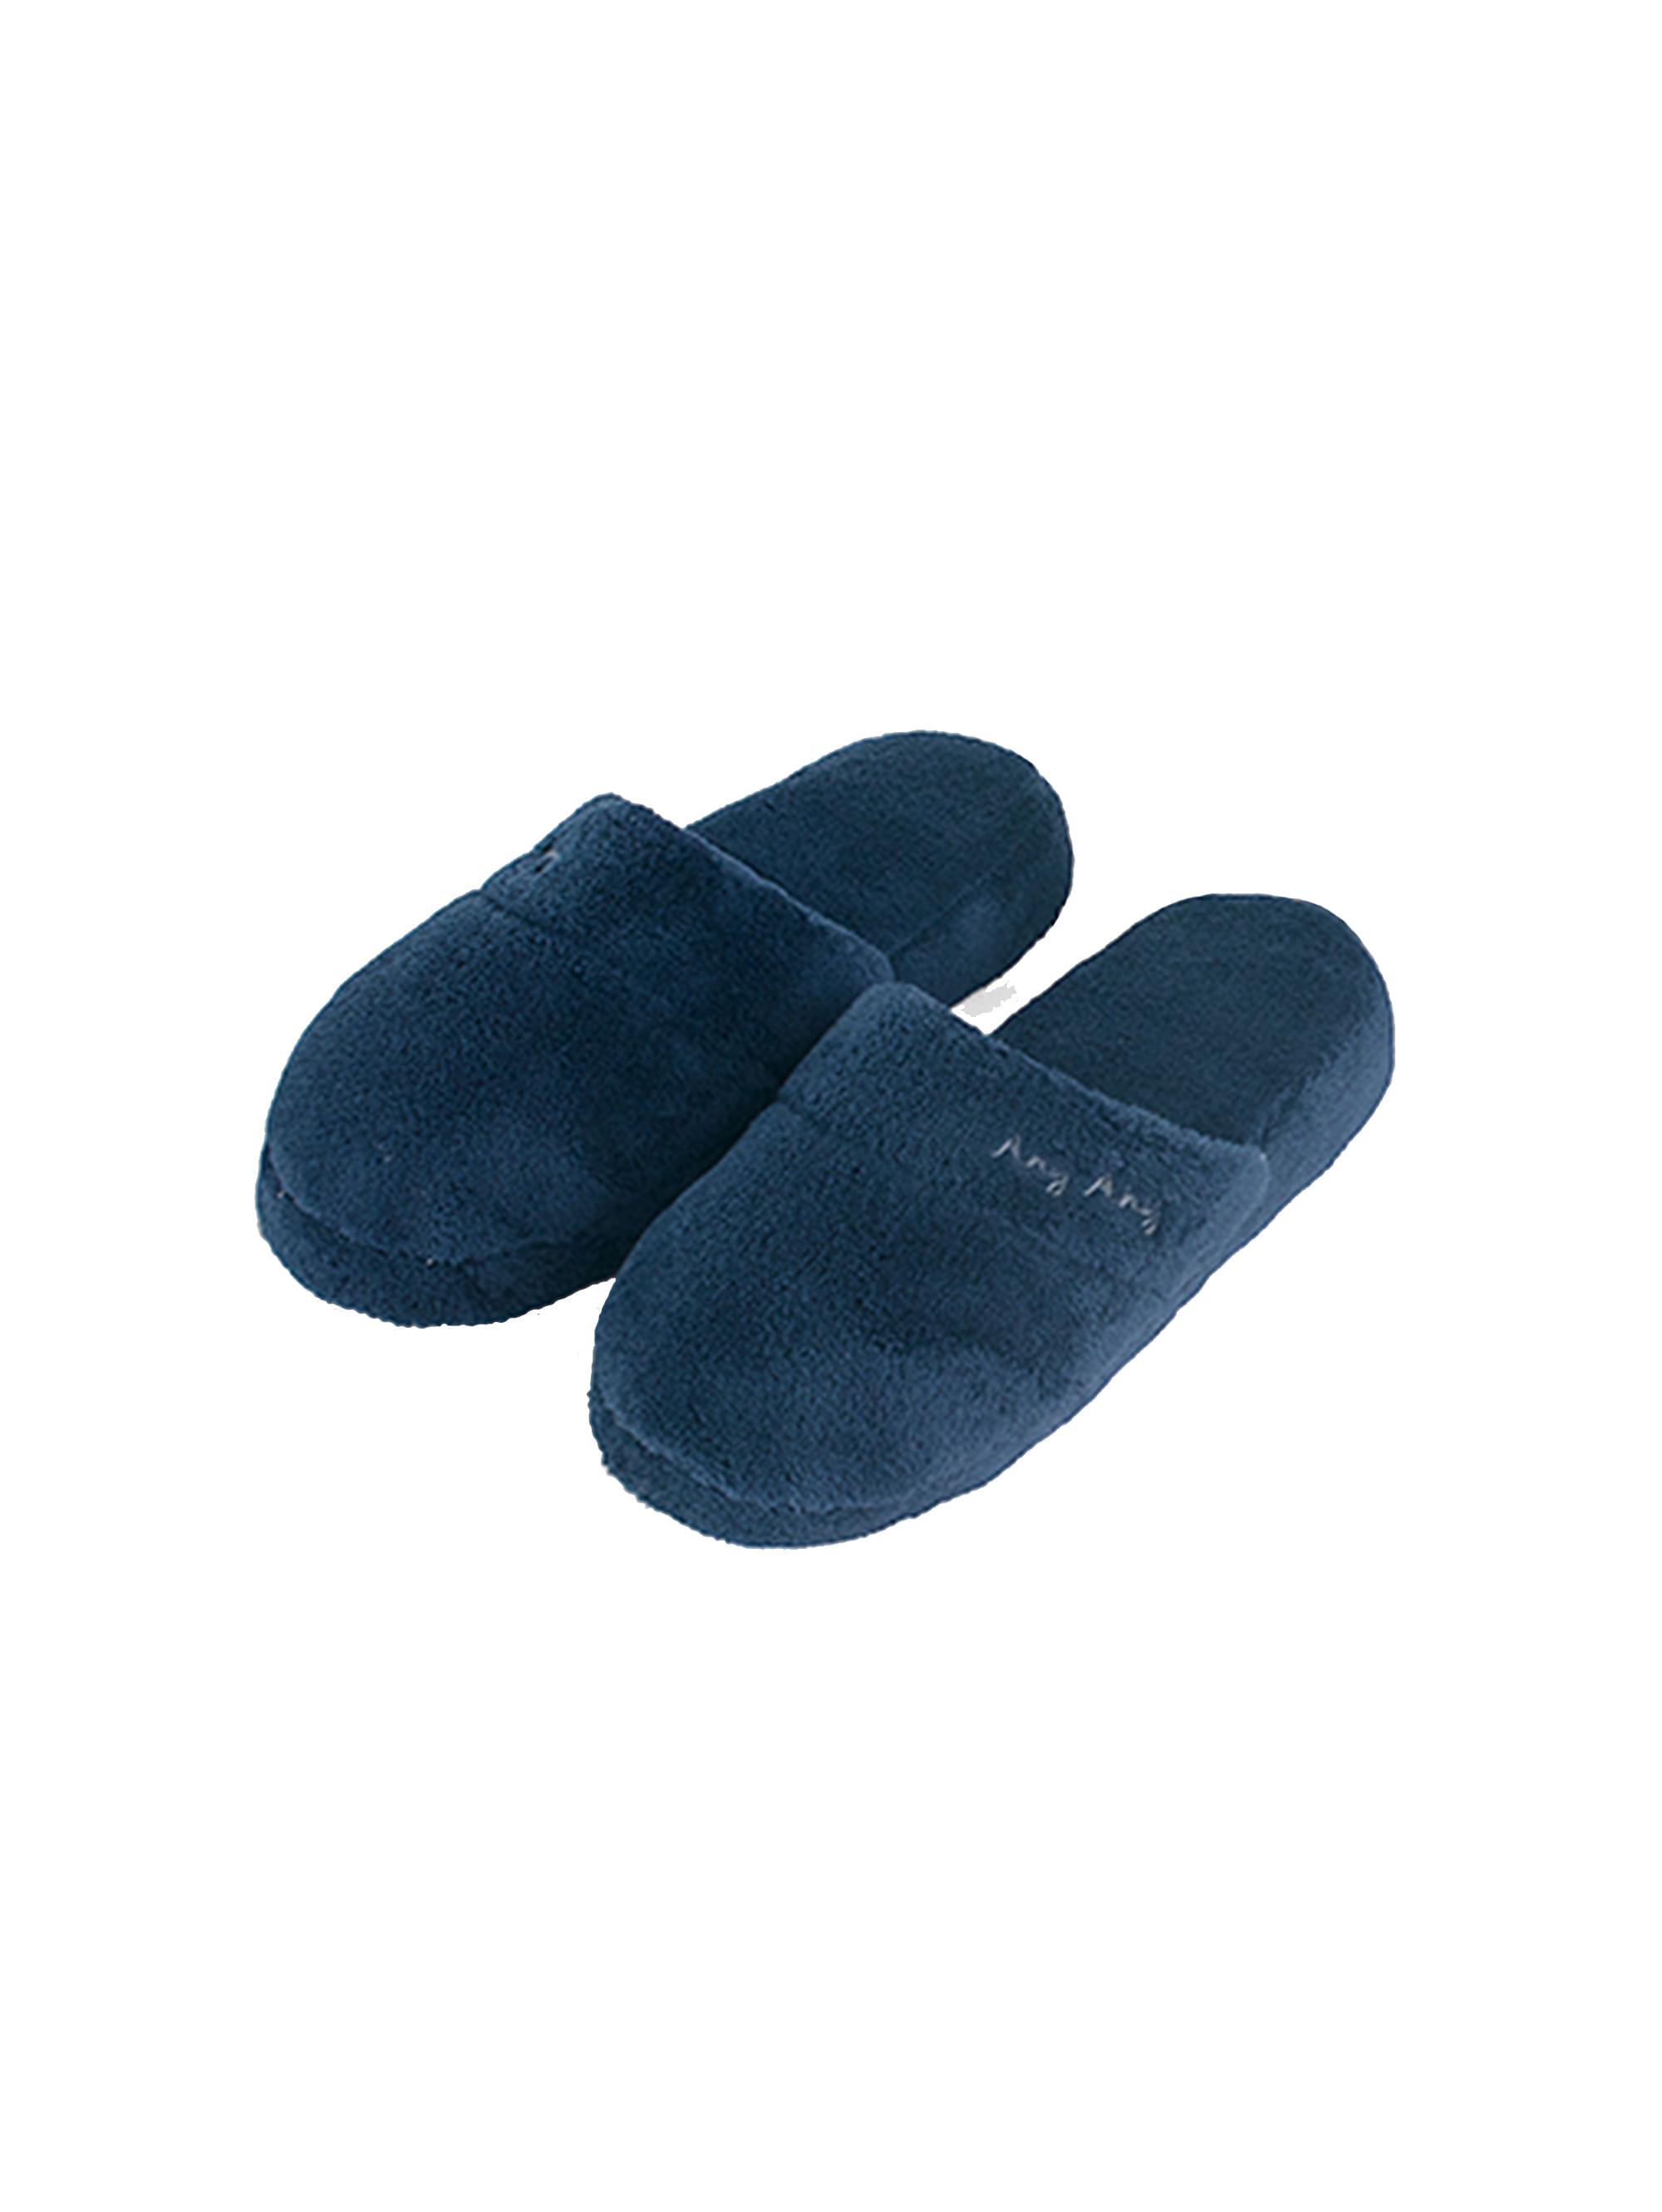 Chinelo-Basic-Azul-Marinho-12.01.0213-